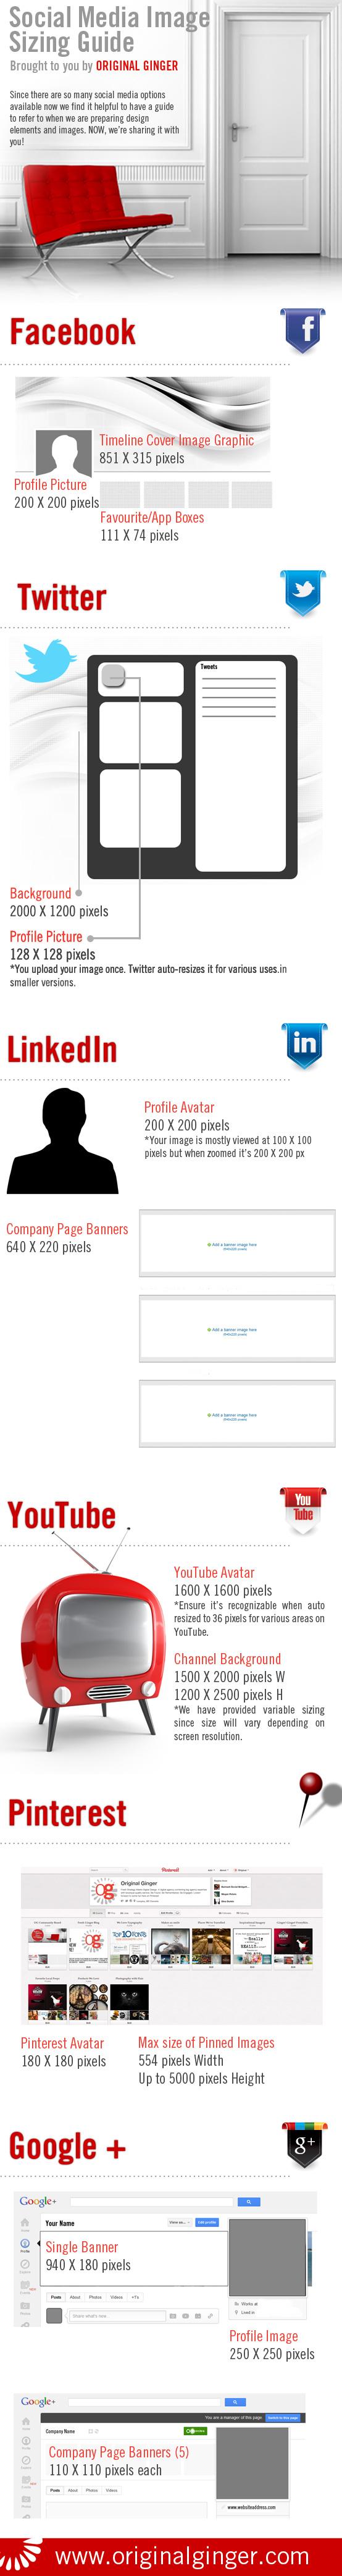 tamaño de las imágenes de perfil en las redes sociales